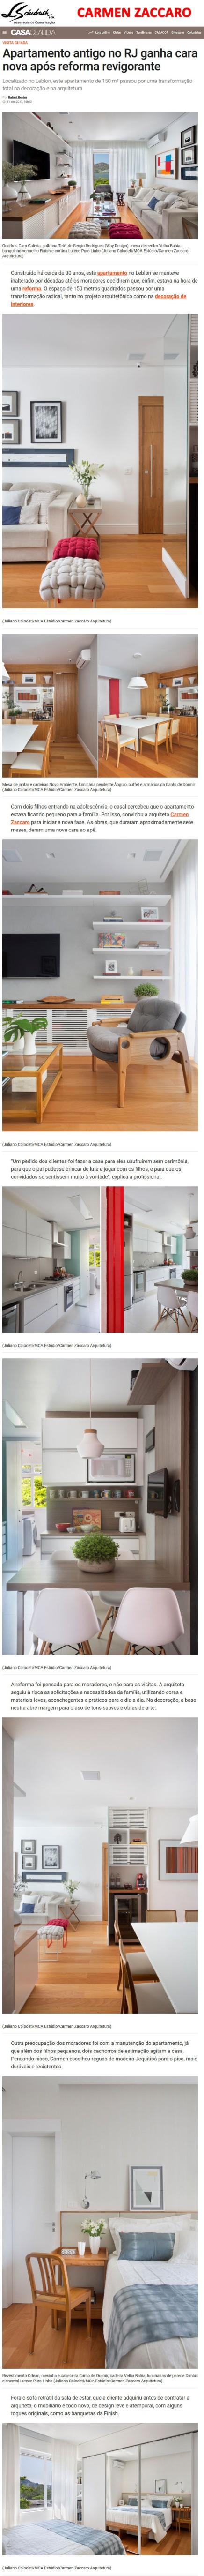 Projeto da arquiteta CARMEN ZACCARO no site da Casa Claudia em 11 de dezembro de 2017